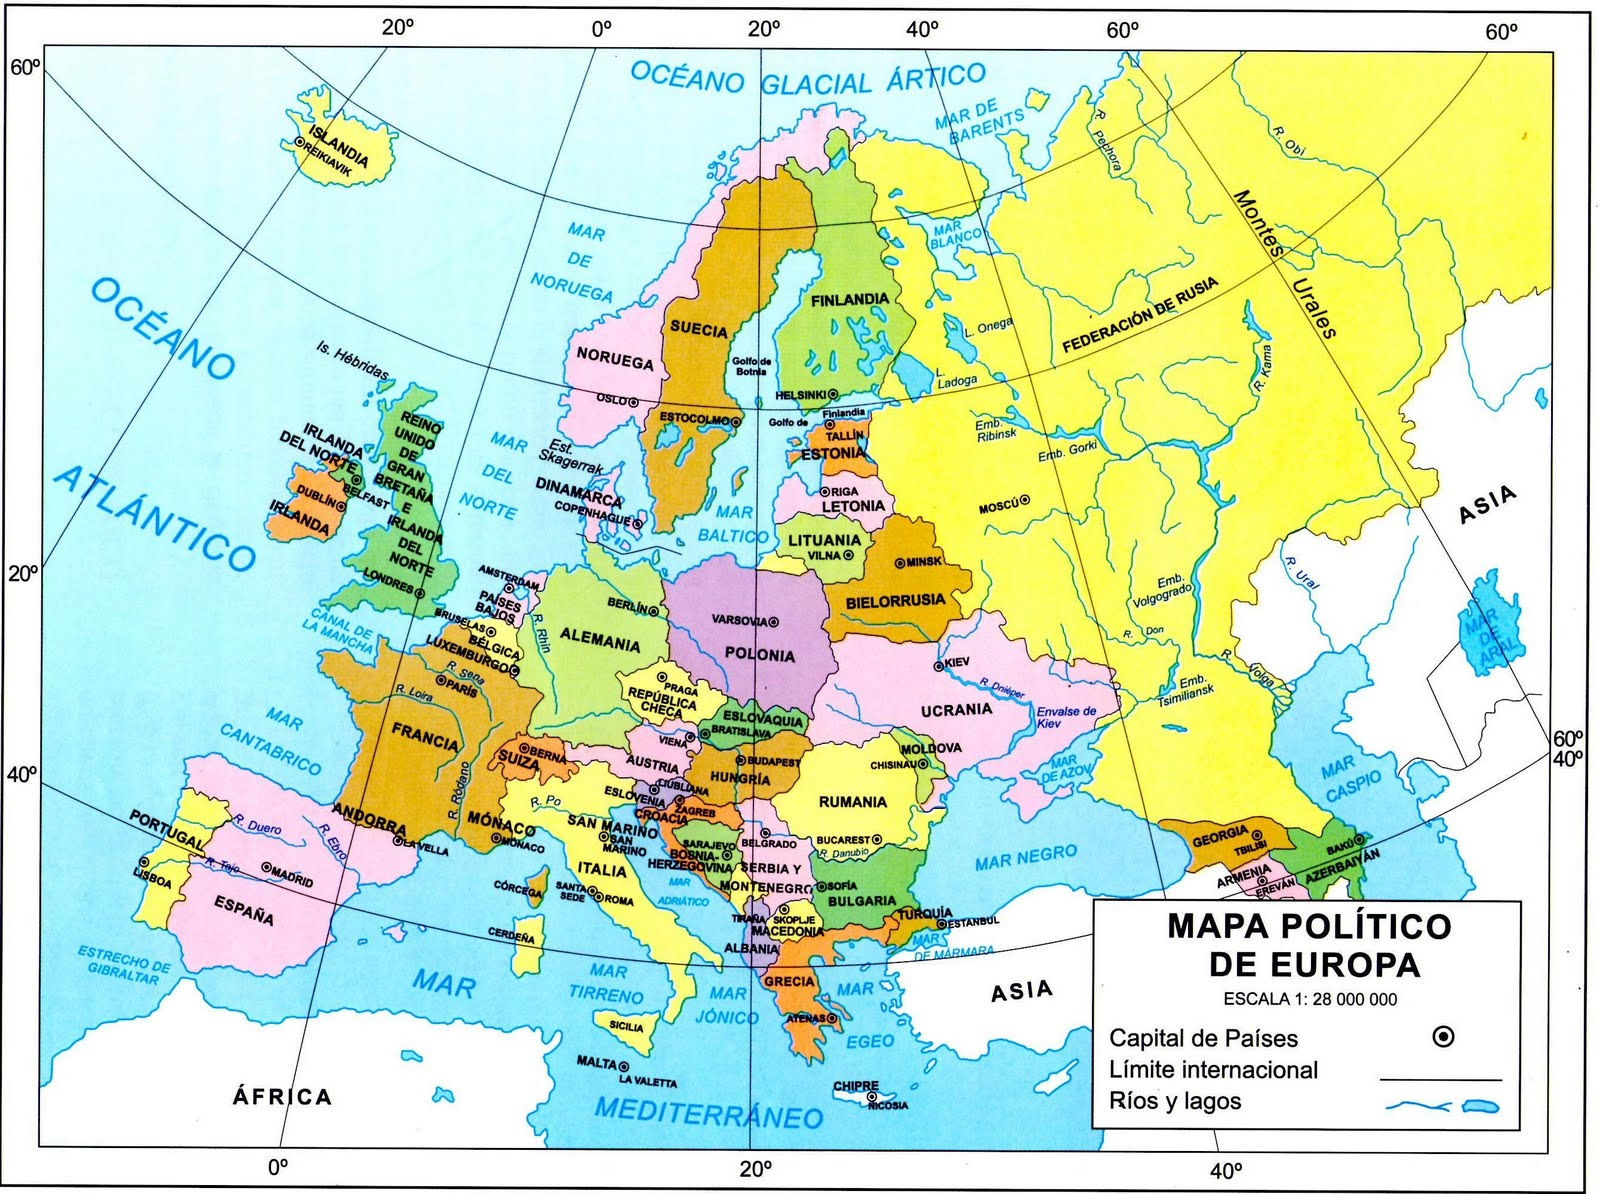 islandia mapa europa Islandia Mapa Europa islandia mapa europa